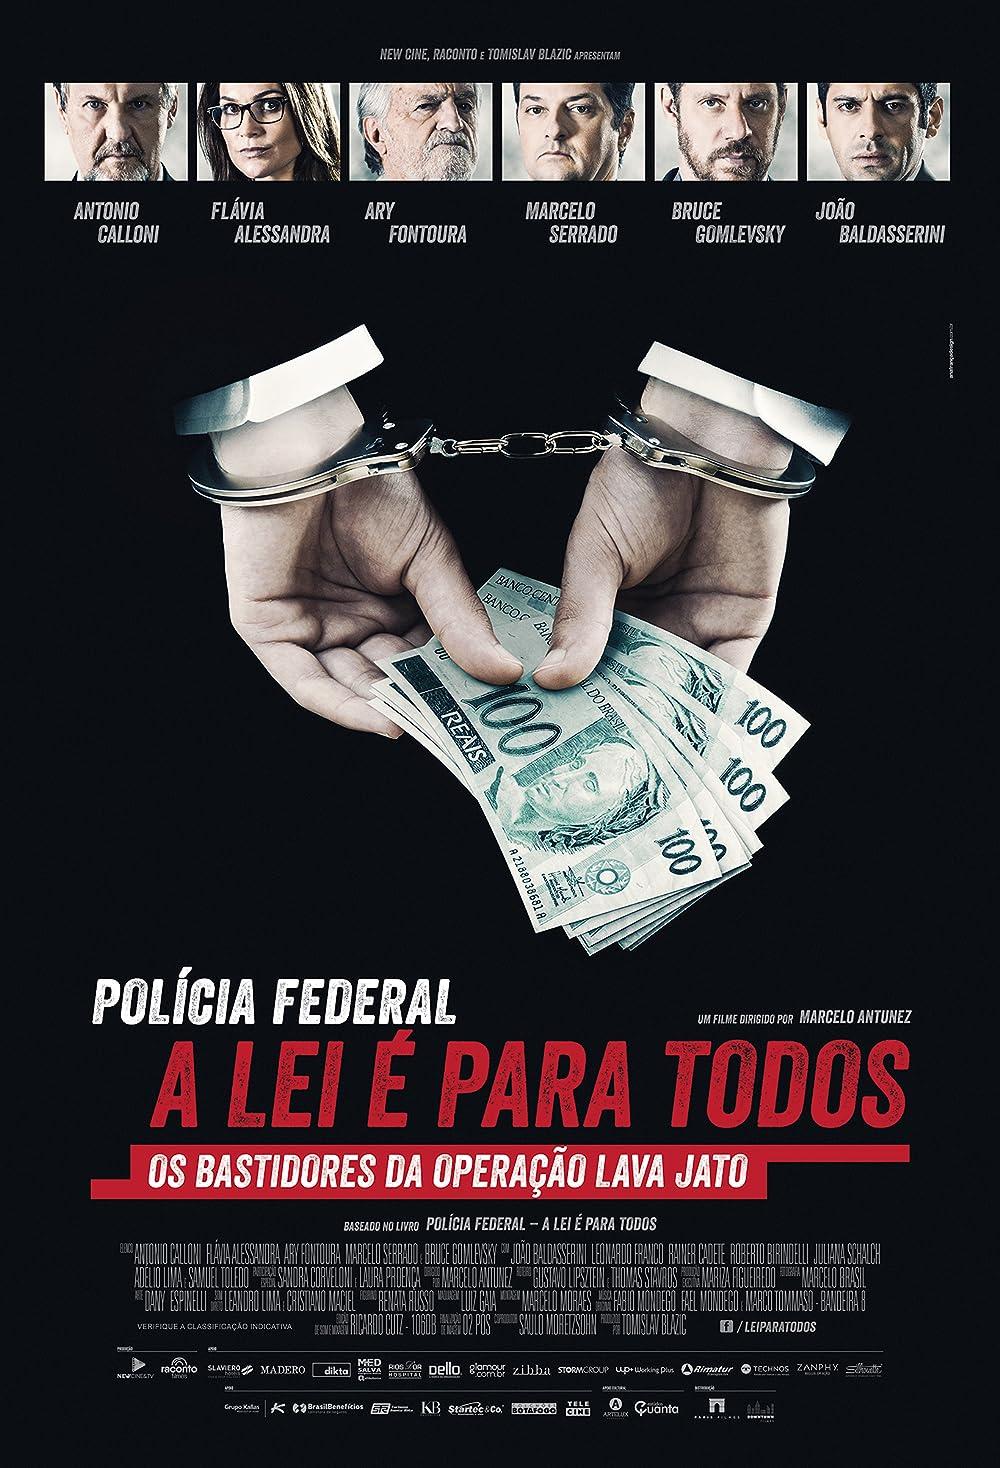 Assistir grátis Polícia Federal A Lei É para Todos 2 Online sem proteção